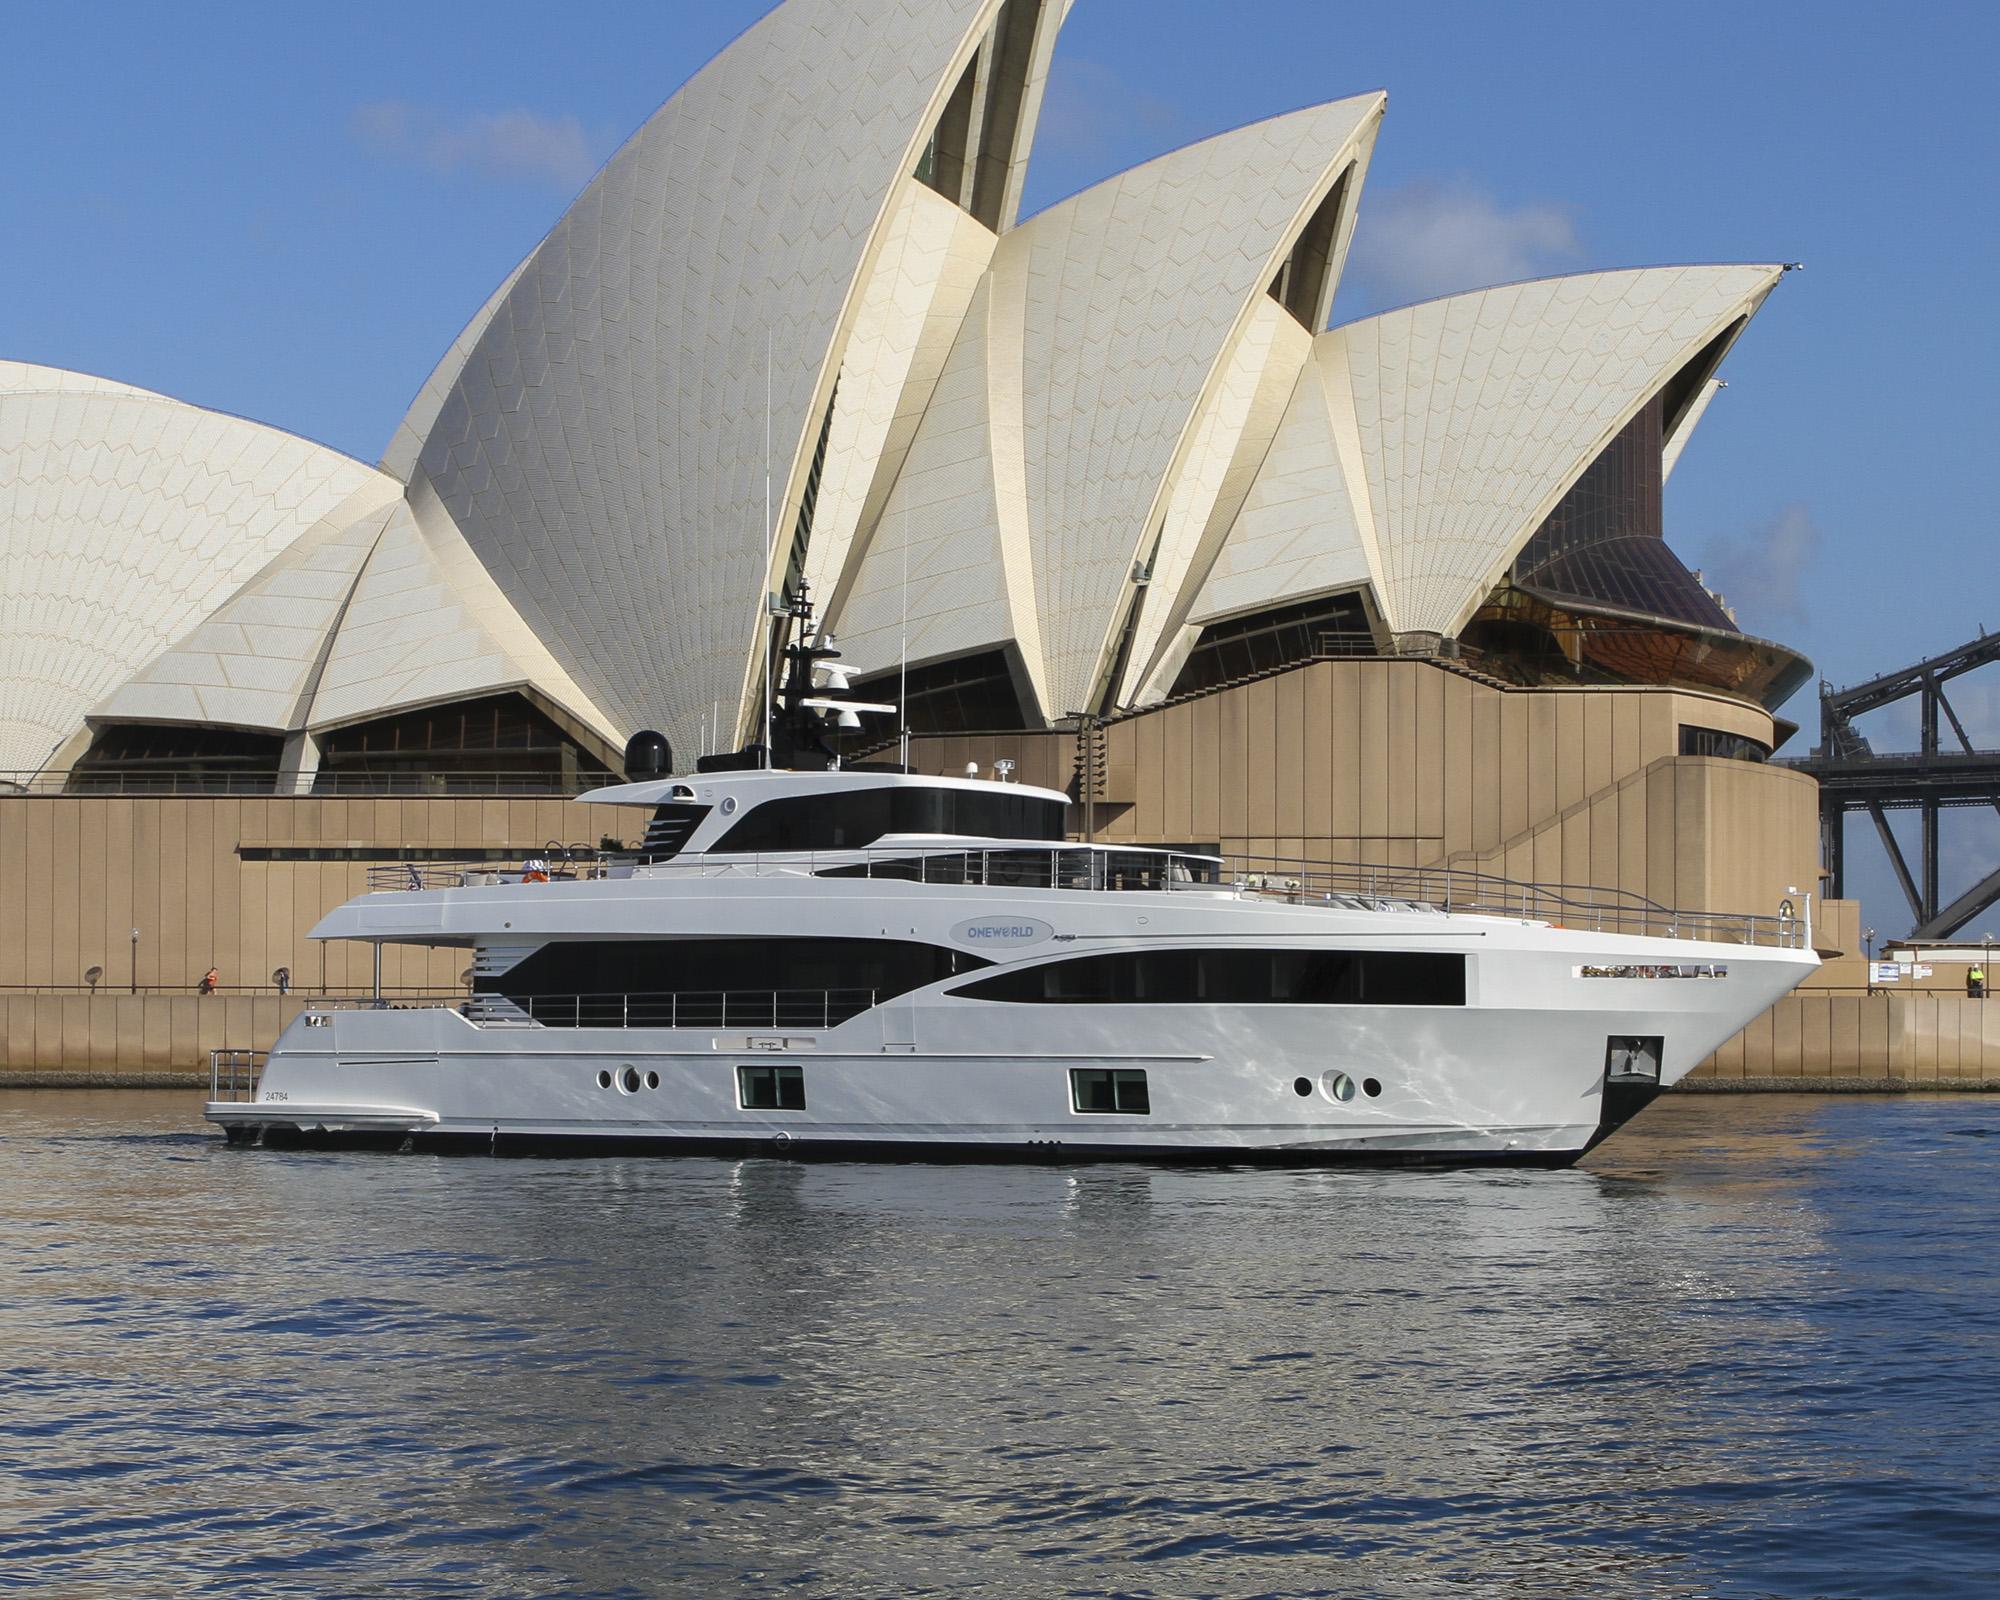 Majesty 100 in Australia